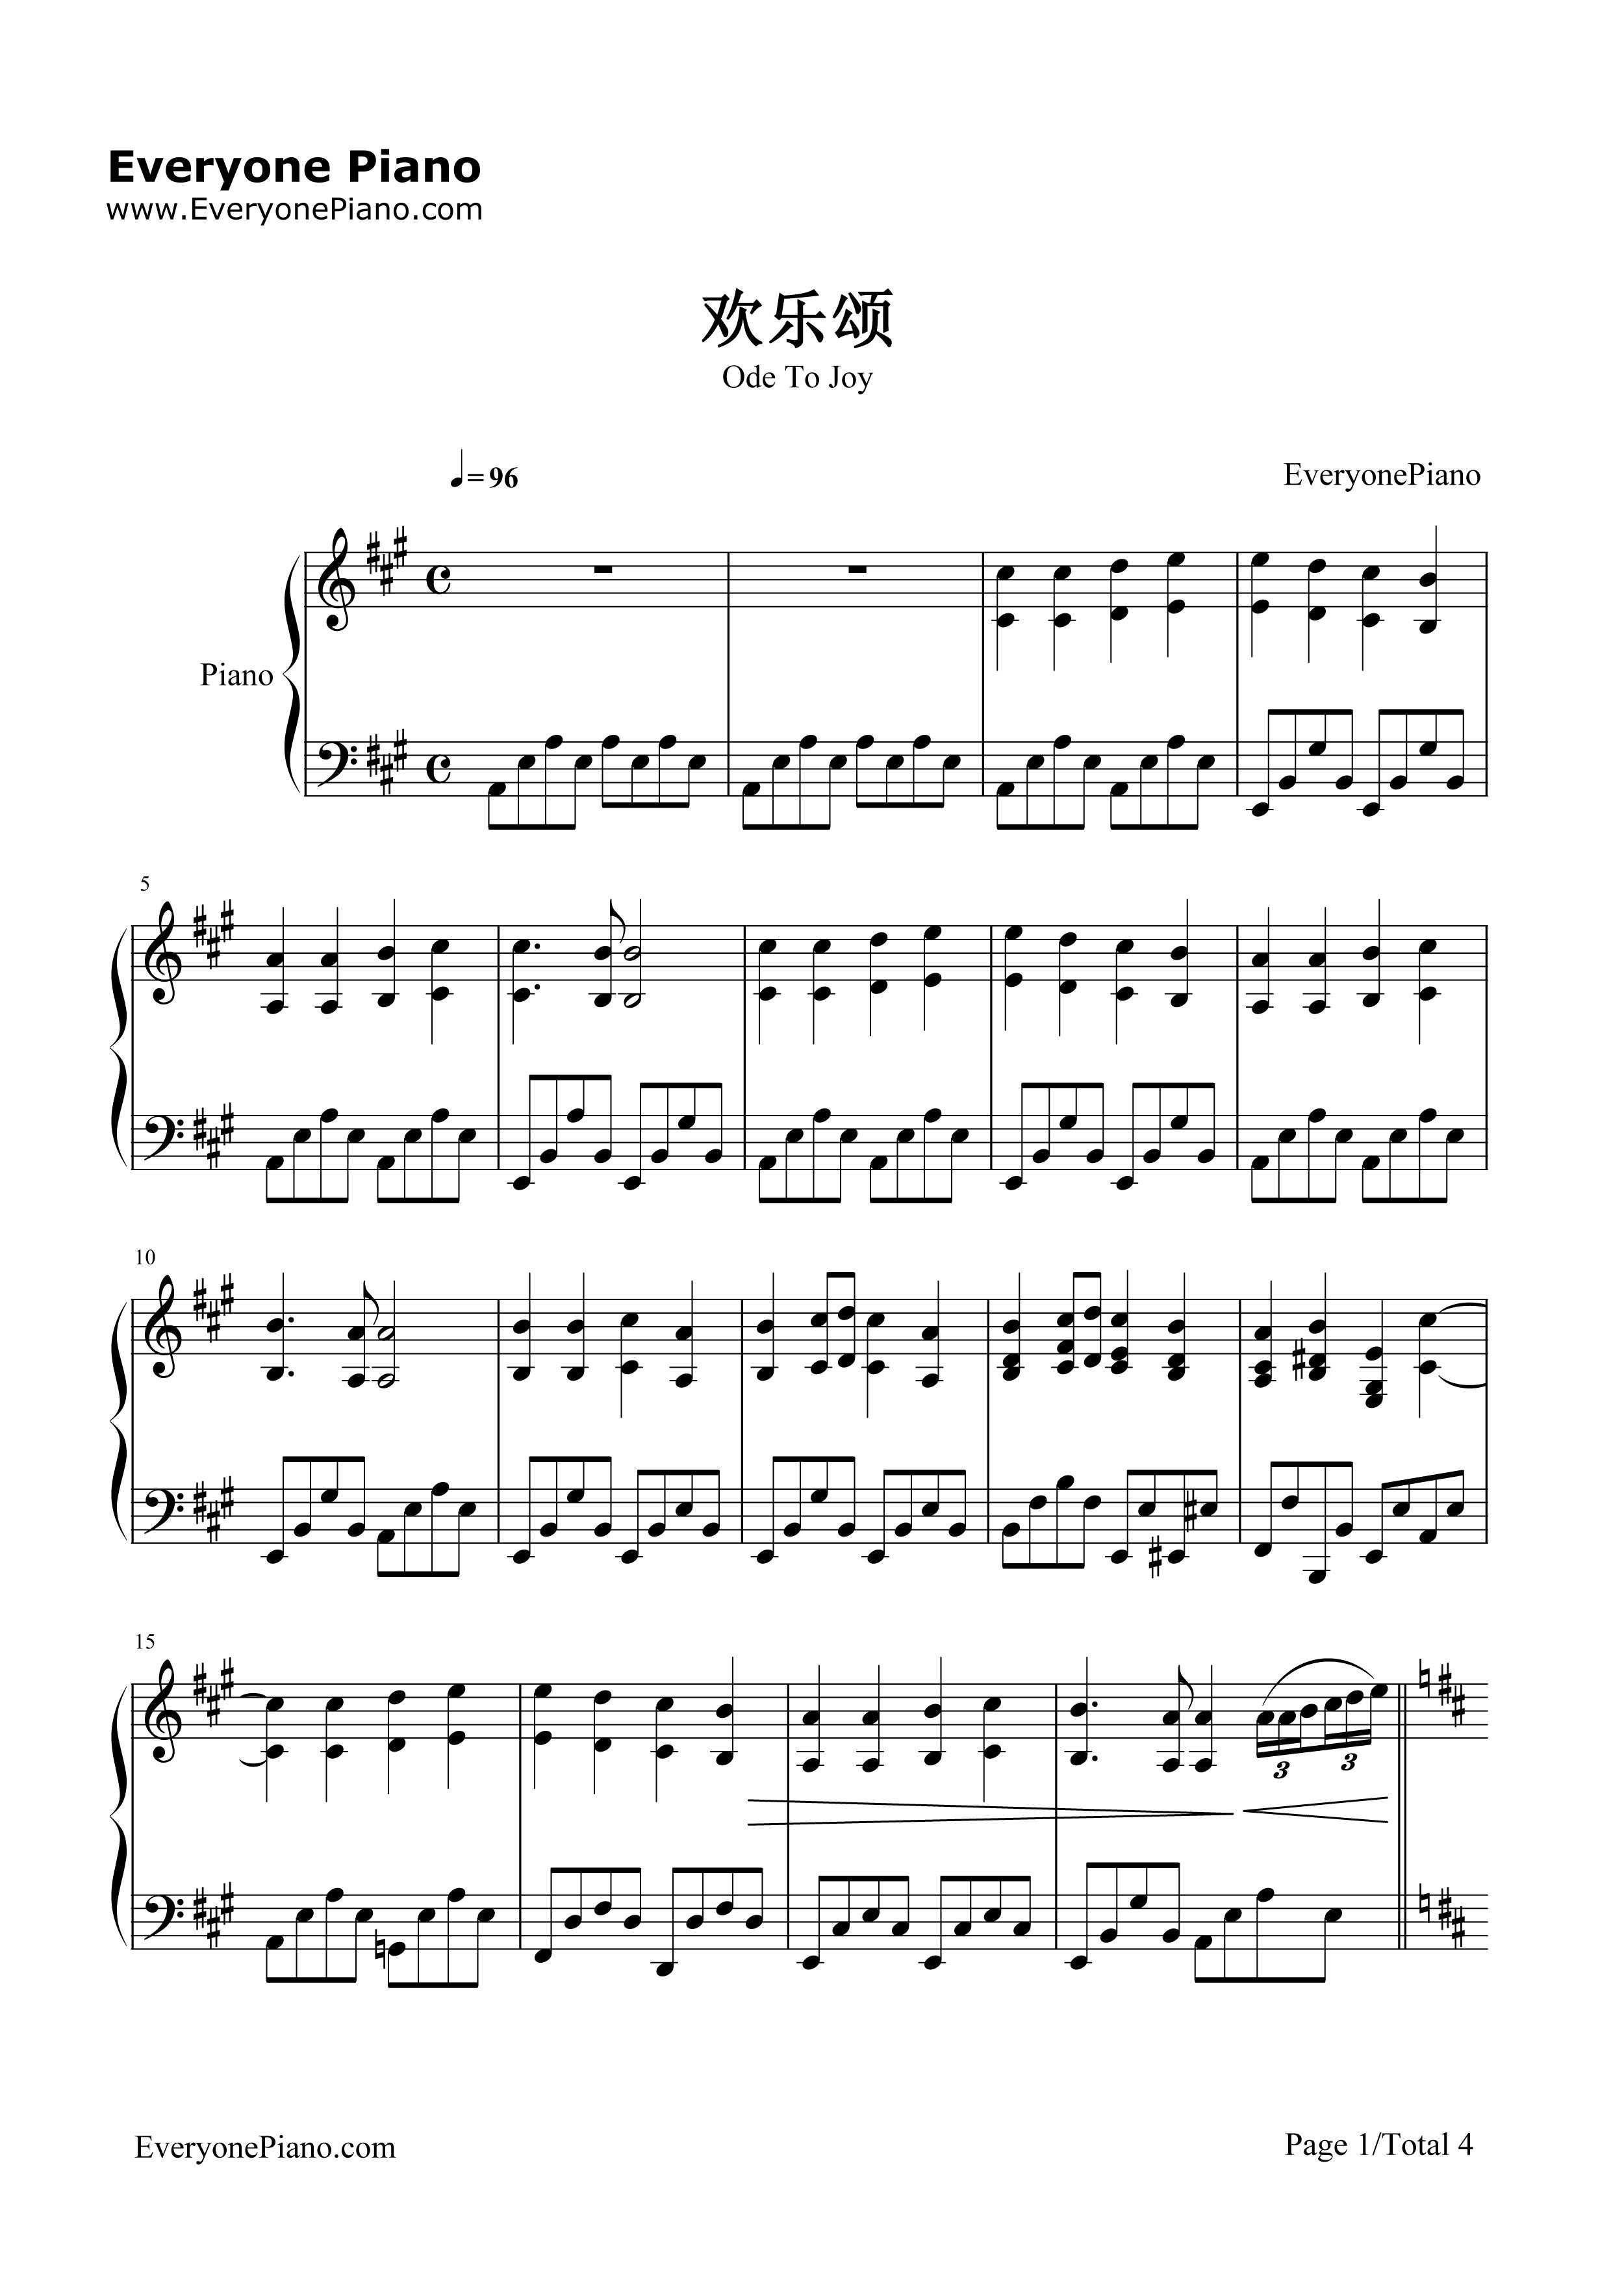 钢琴曲谱 经典 欢乐颂-完整版 欢乐颂-完整版五线谱预览1  }  仅供